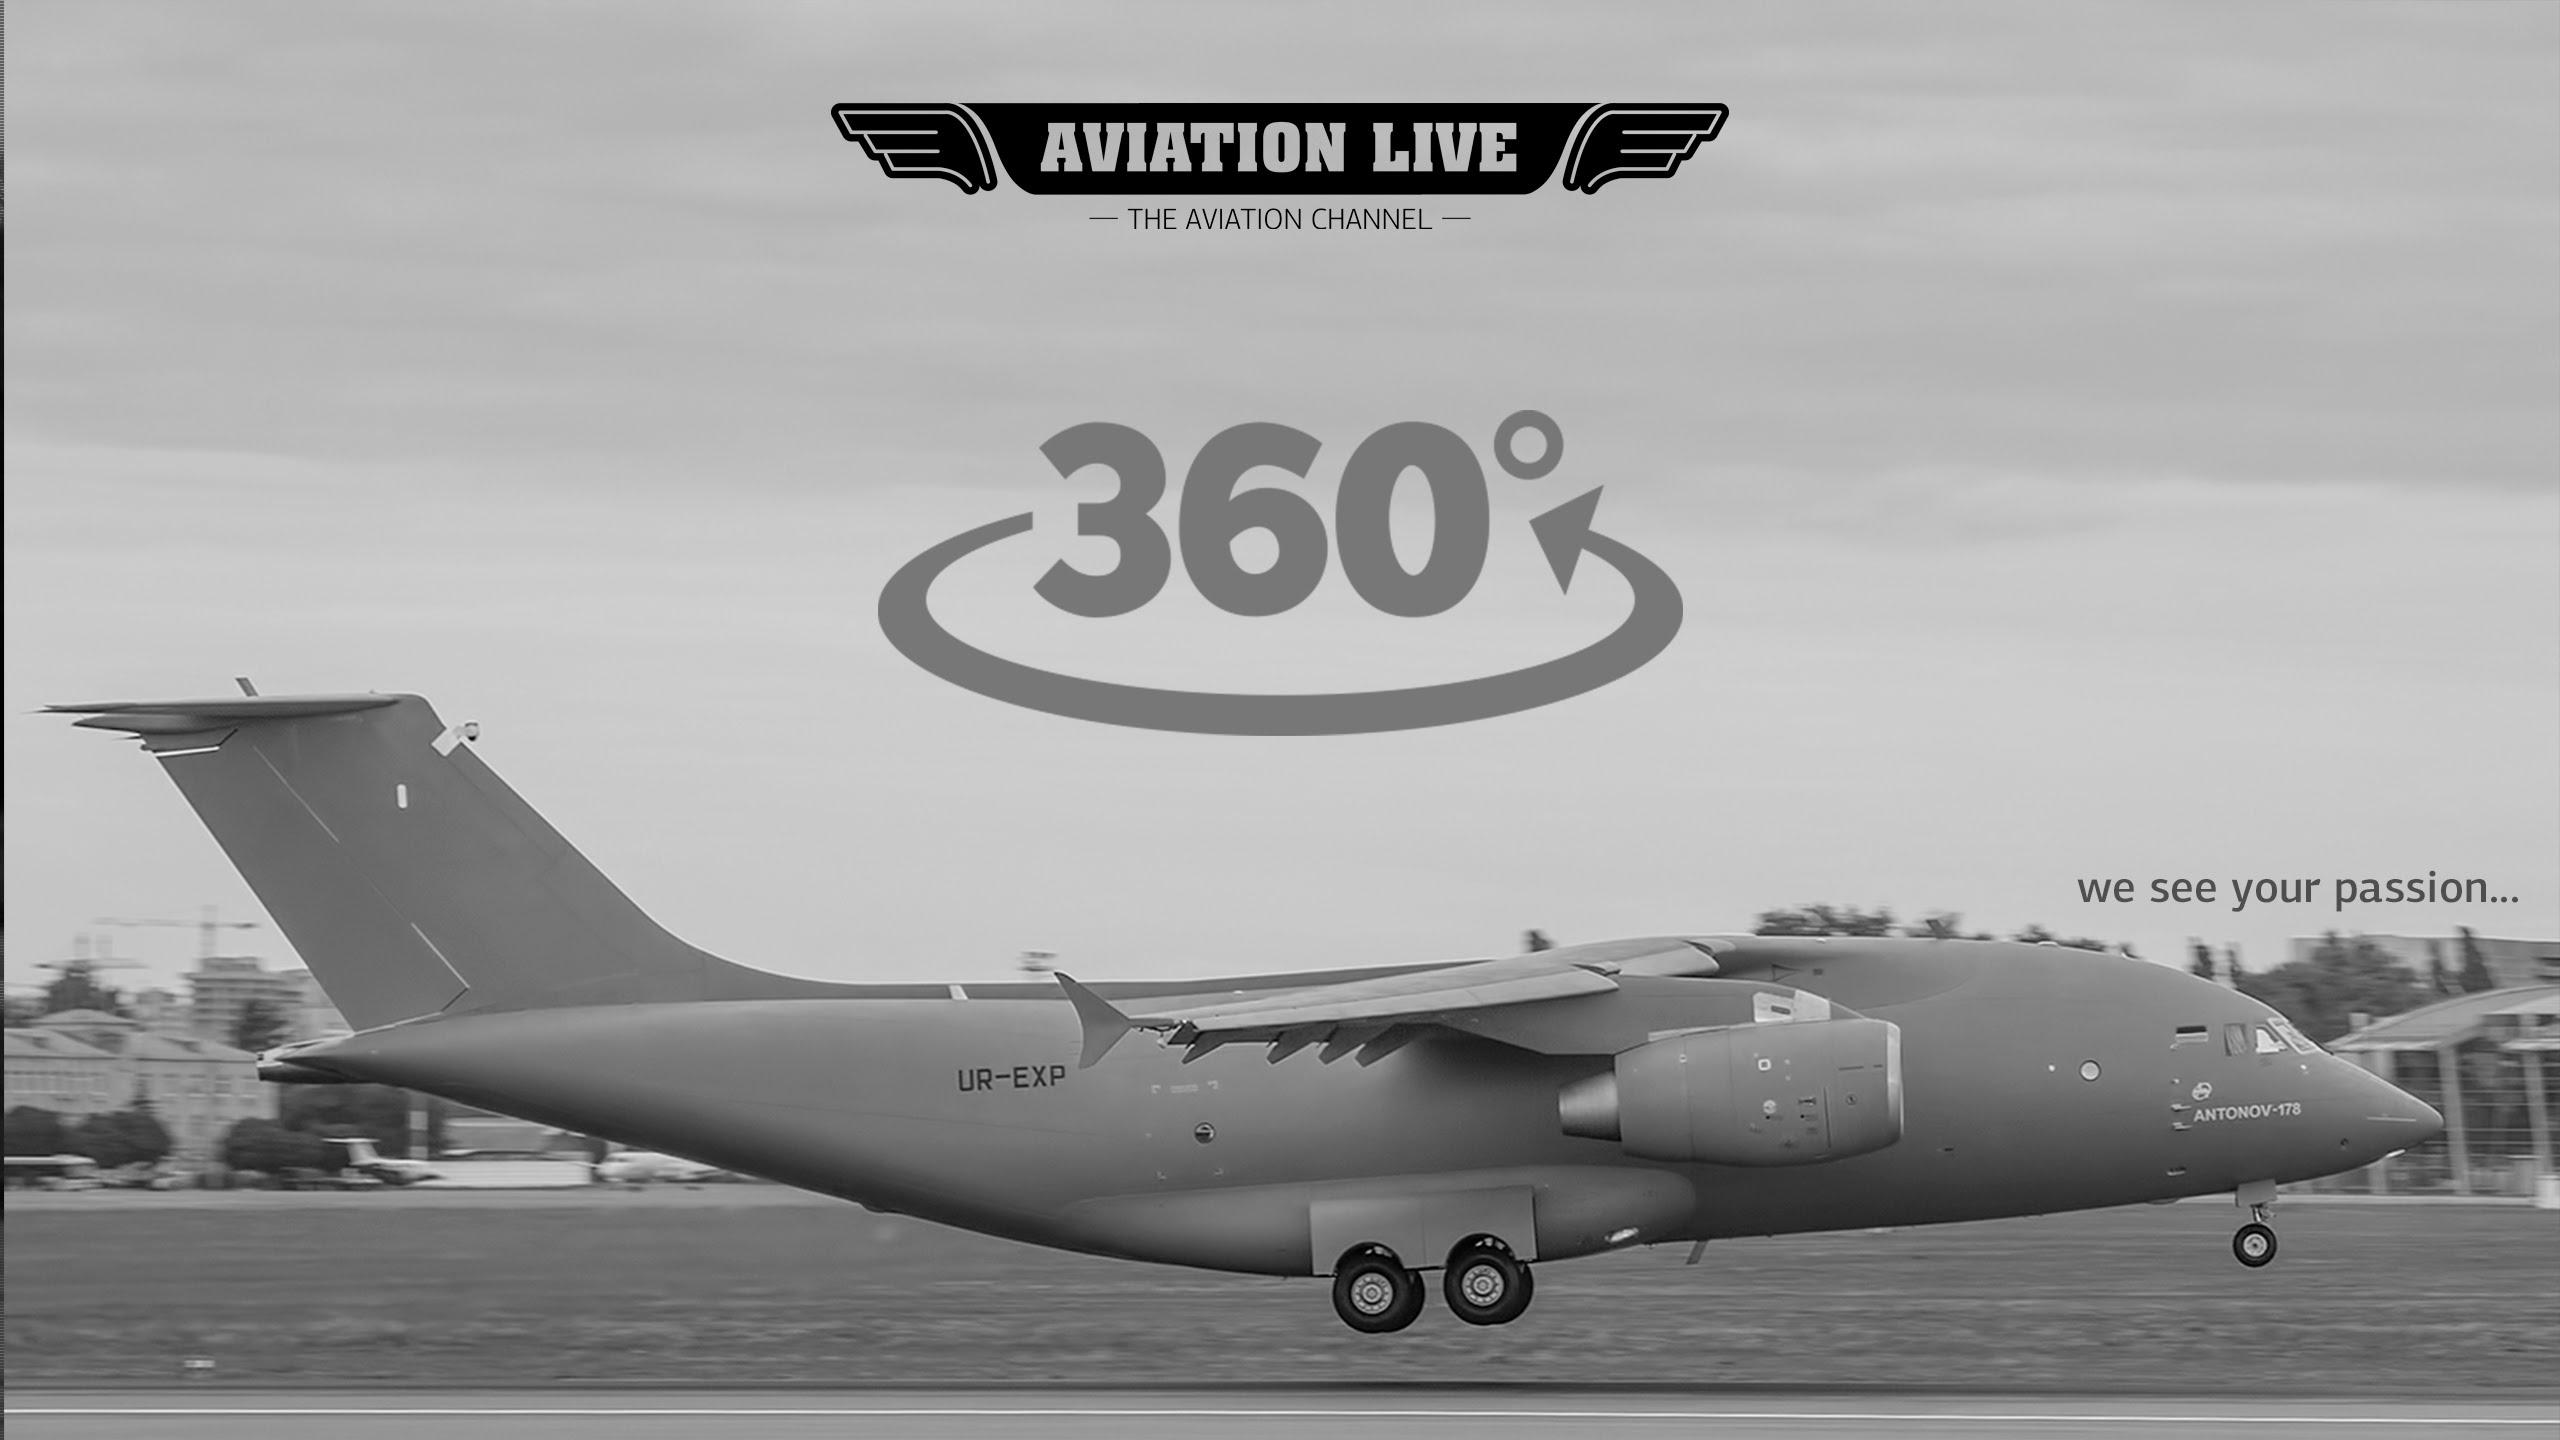 Антоновке взорвали YOUTUBE через предоставленную нам возможность пользователям почувствовать полет на новом АН 178